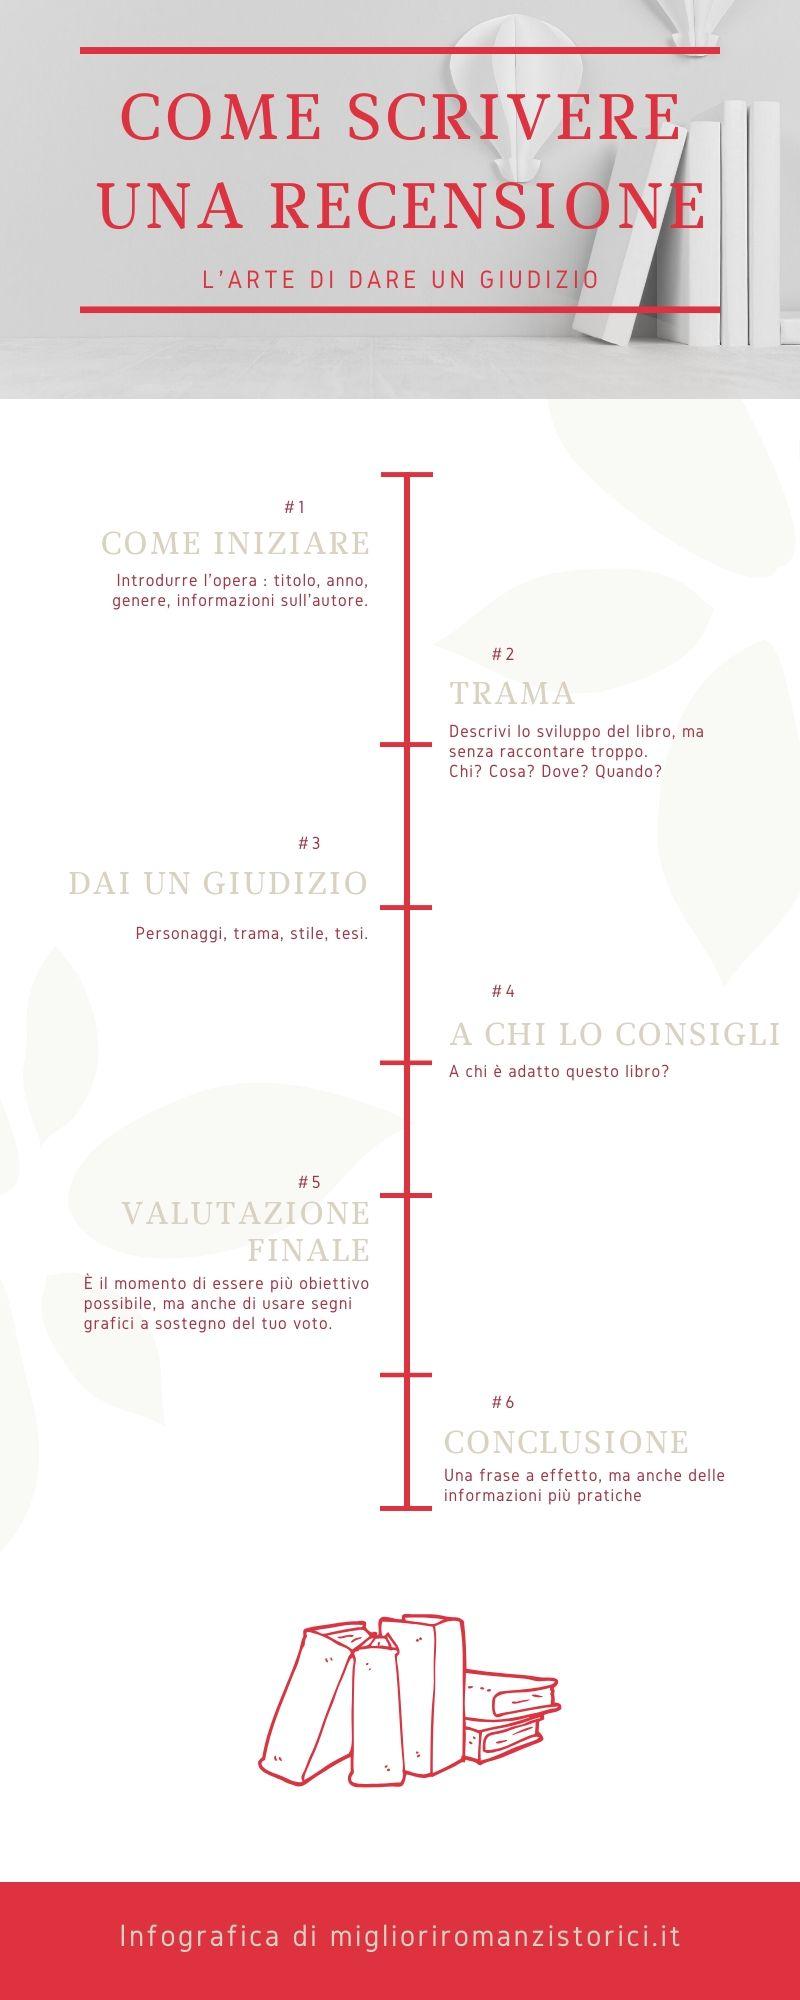 infografica su come scrivere la recensione di un libro